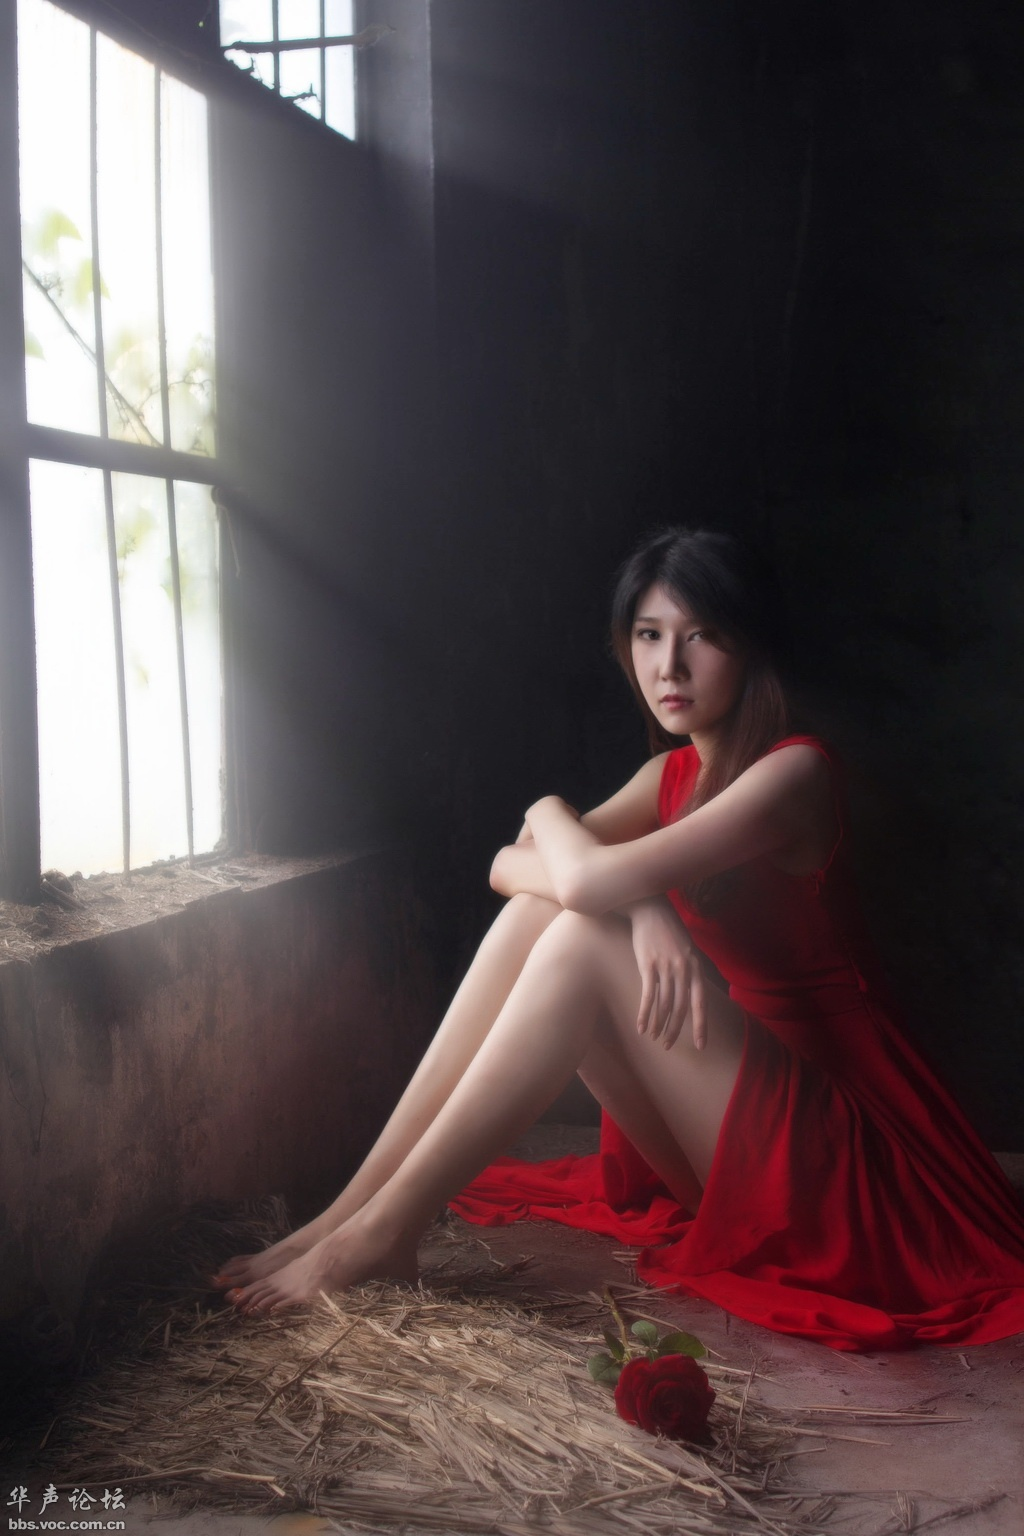 【人像摄影】《樱花语》《绽放的玫瑰》  -  花仙子  -  花仙子的博客.